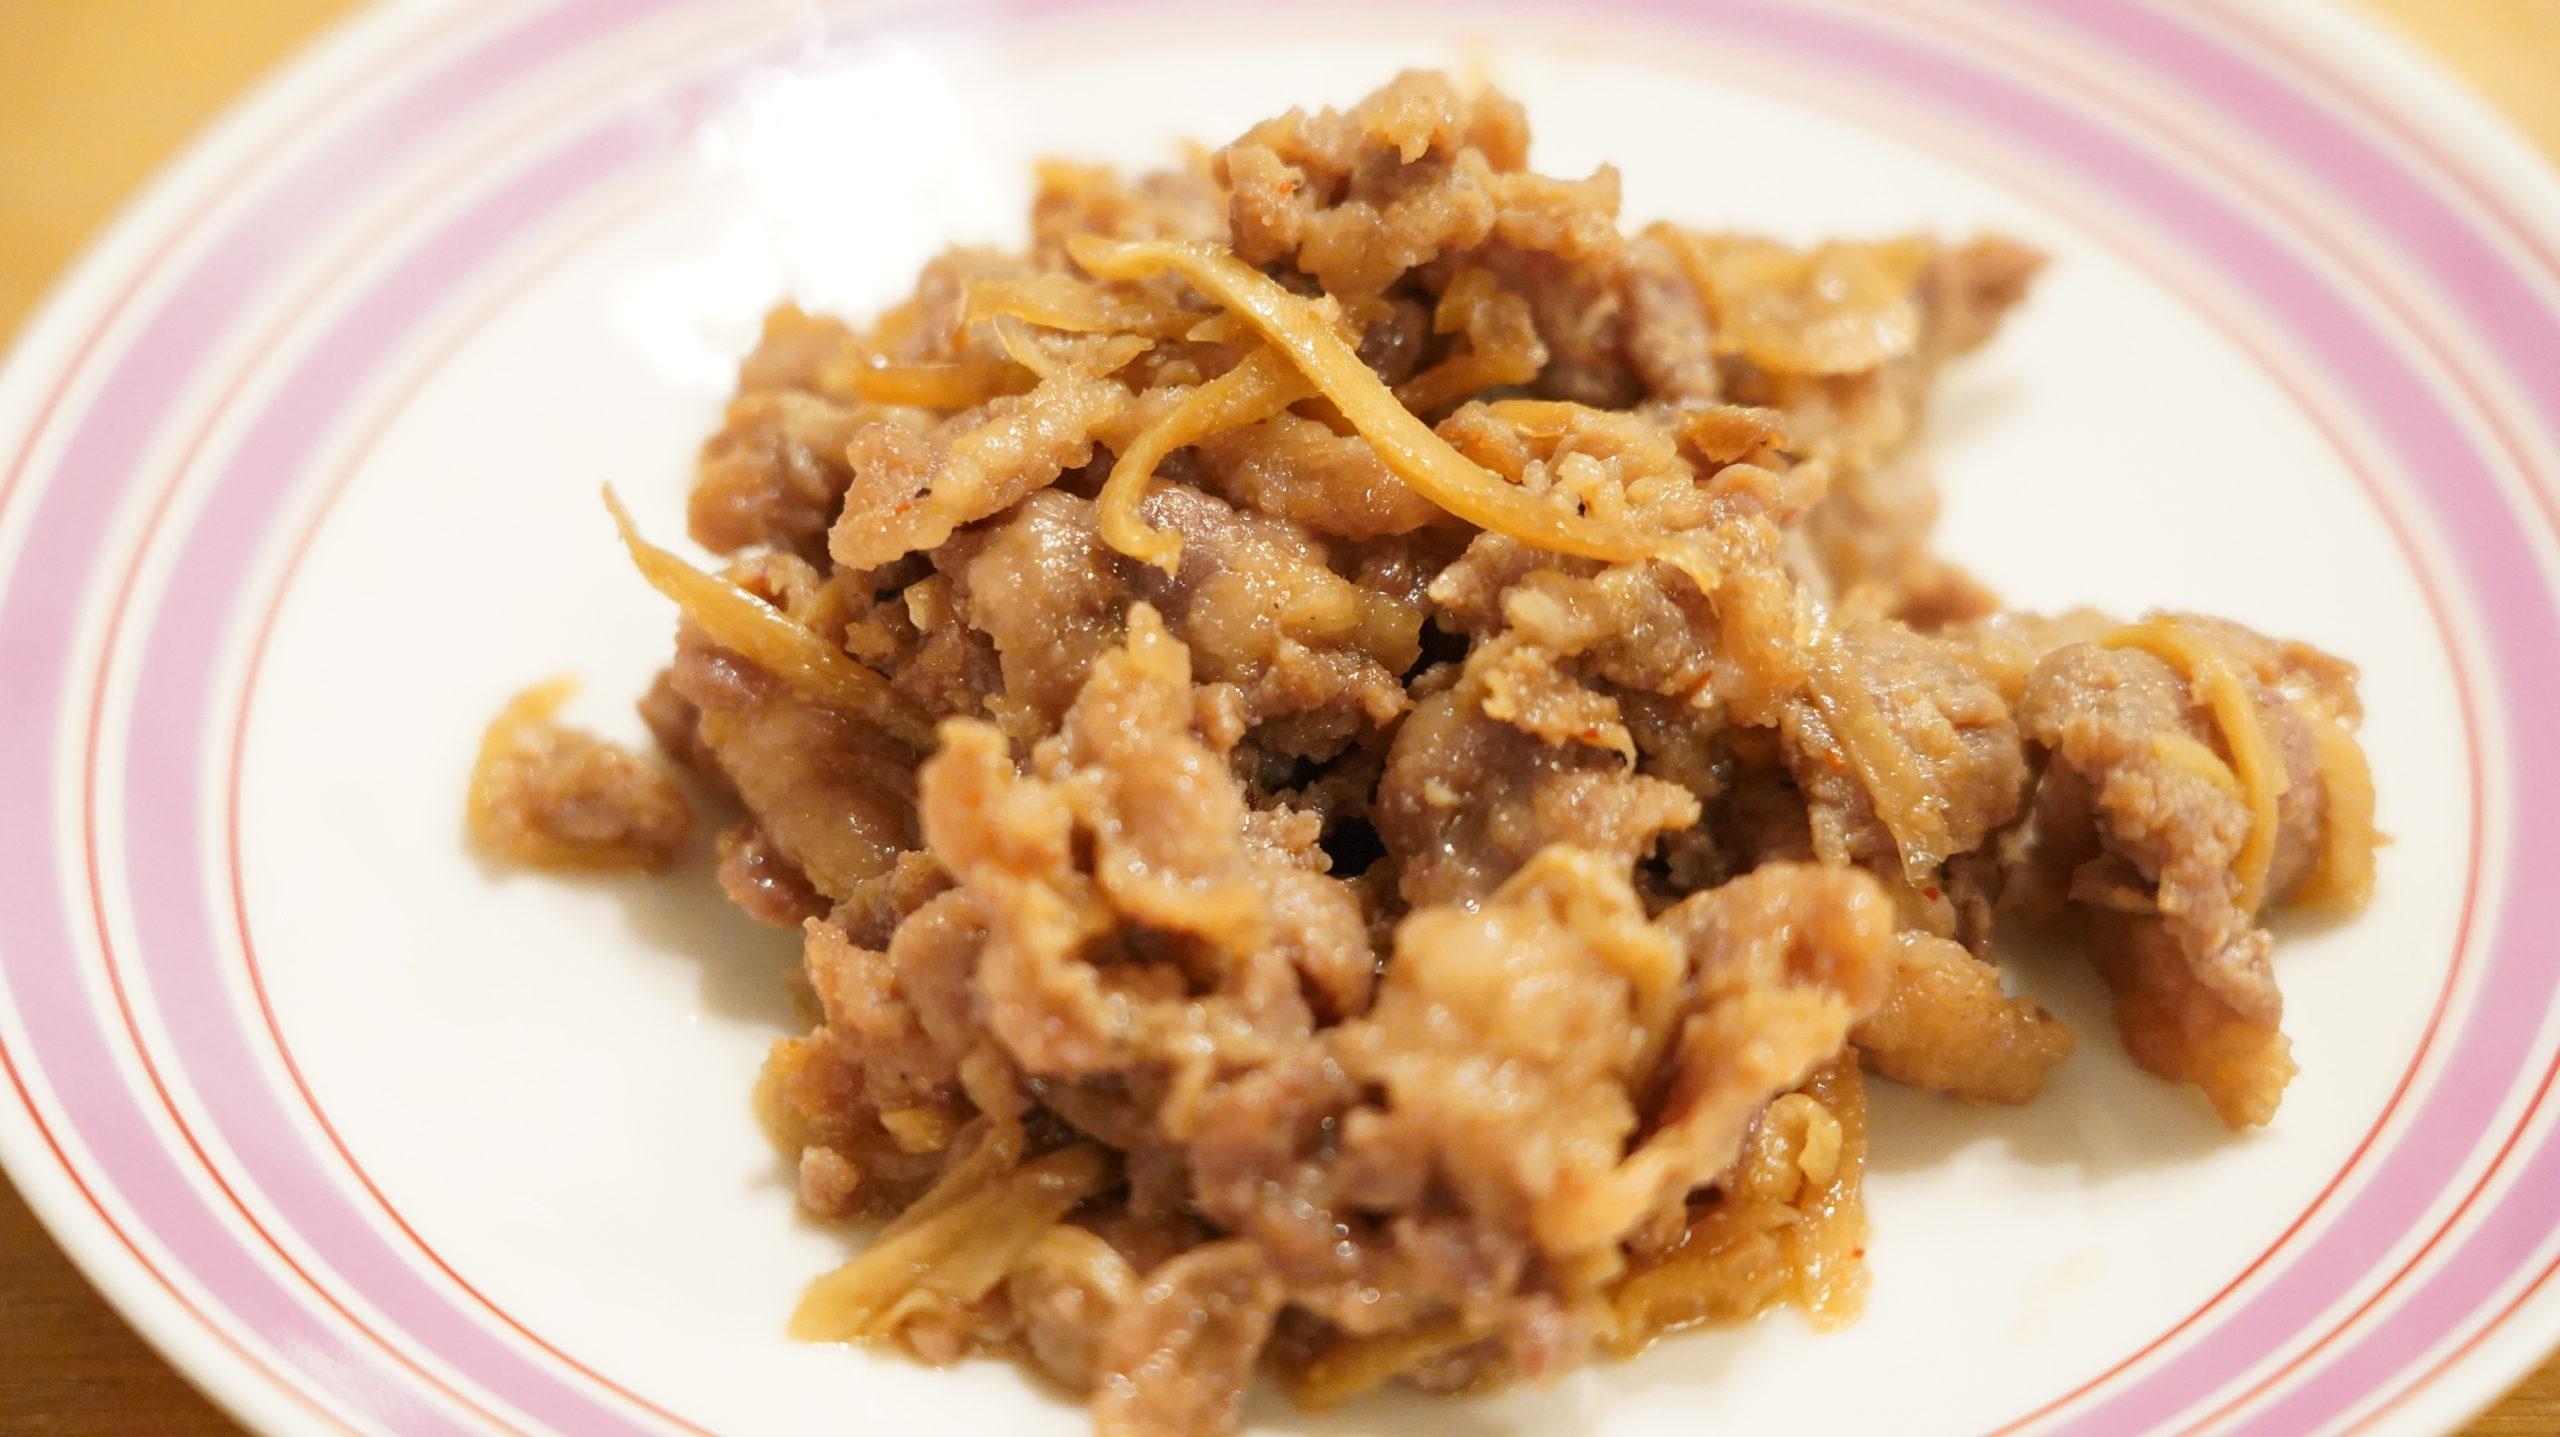 業務スーパーの冷凍食品「豚生姜焼き」を大きく写した写真